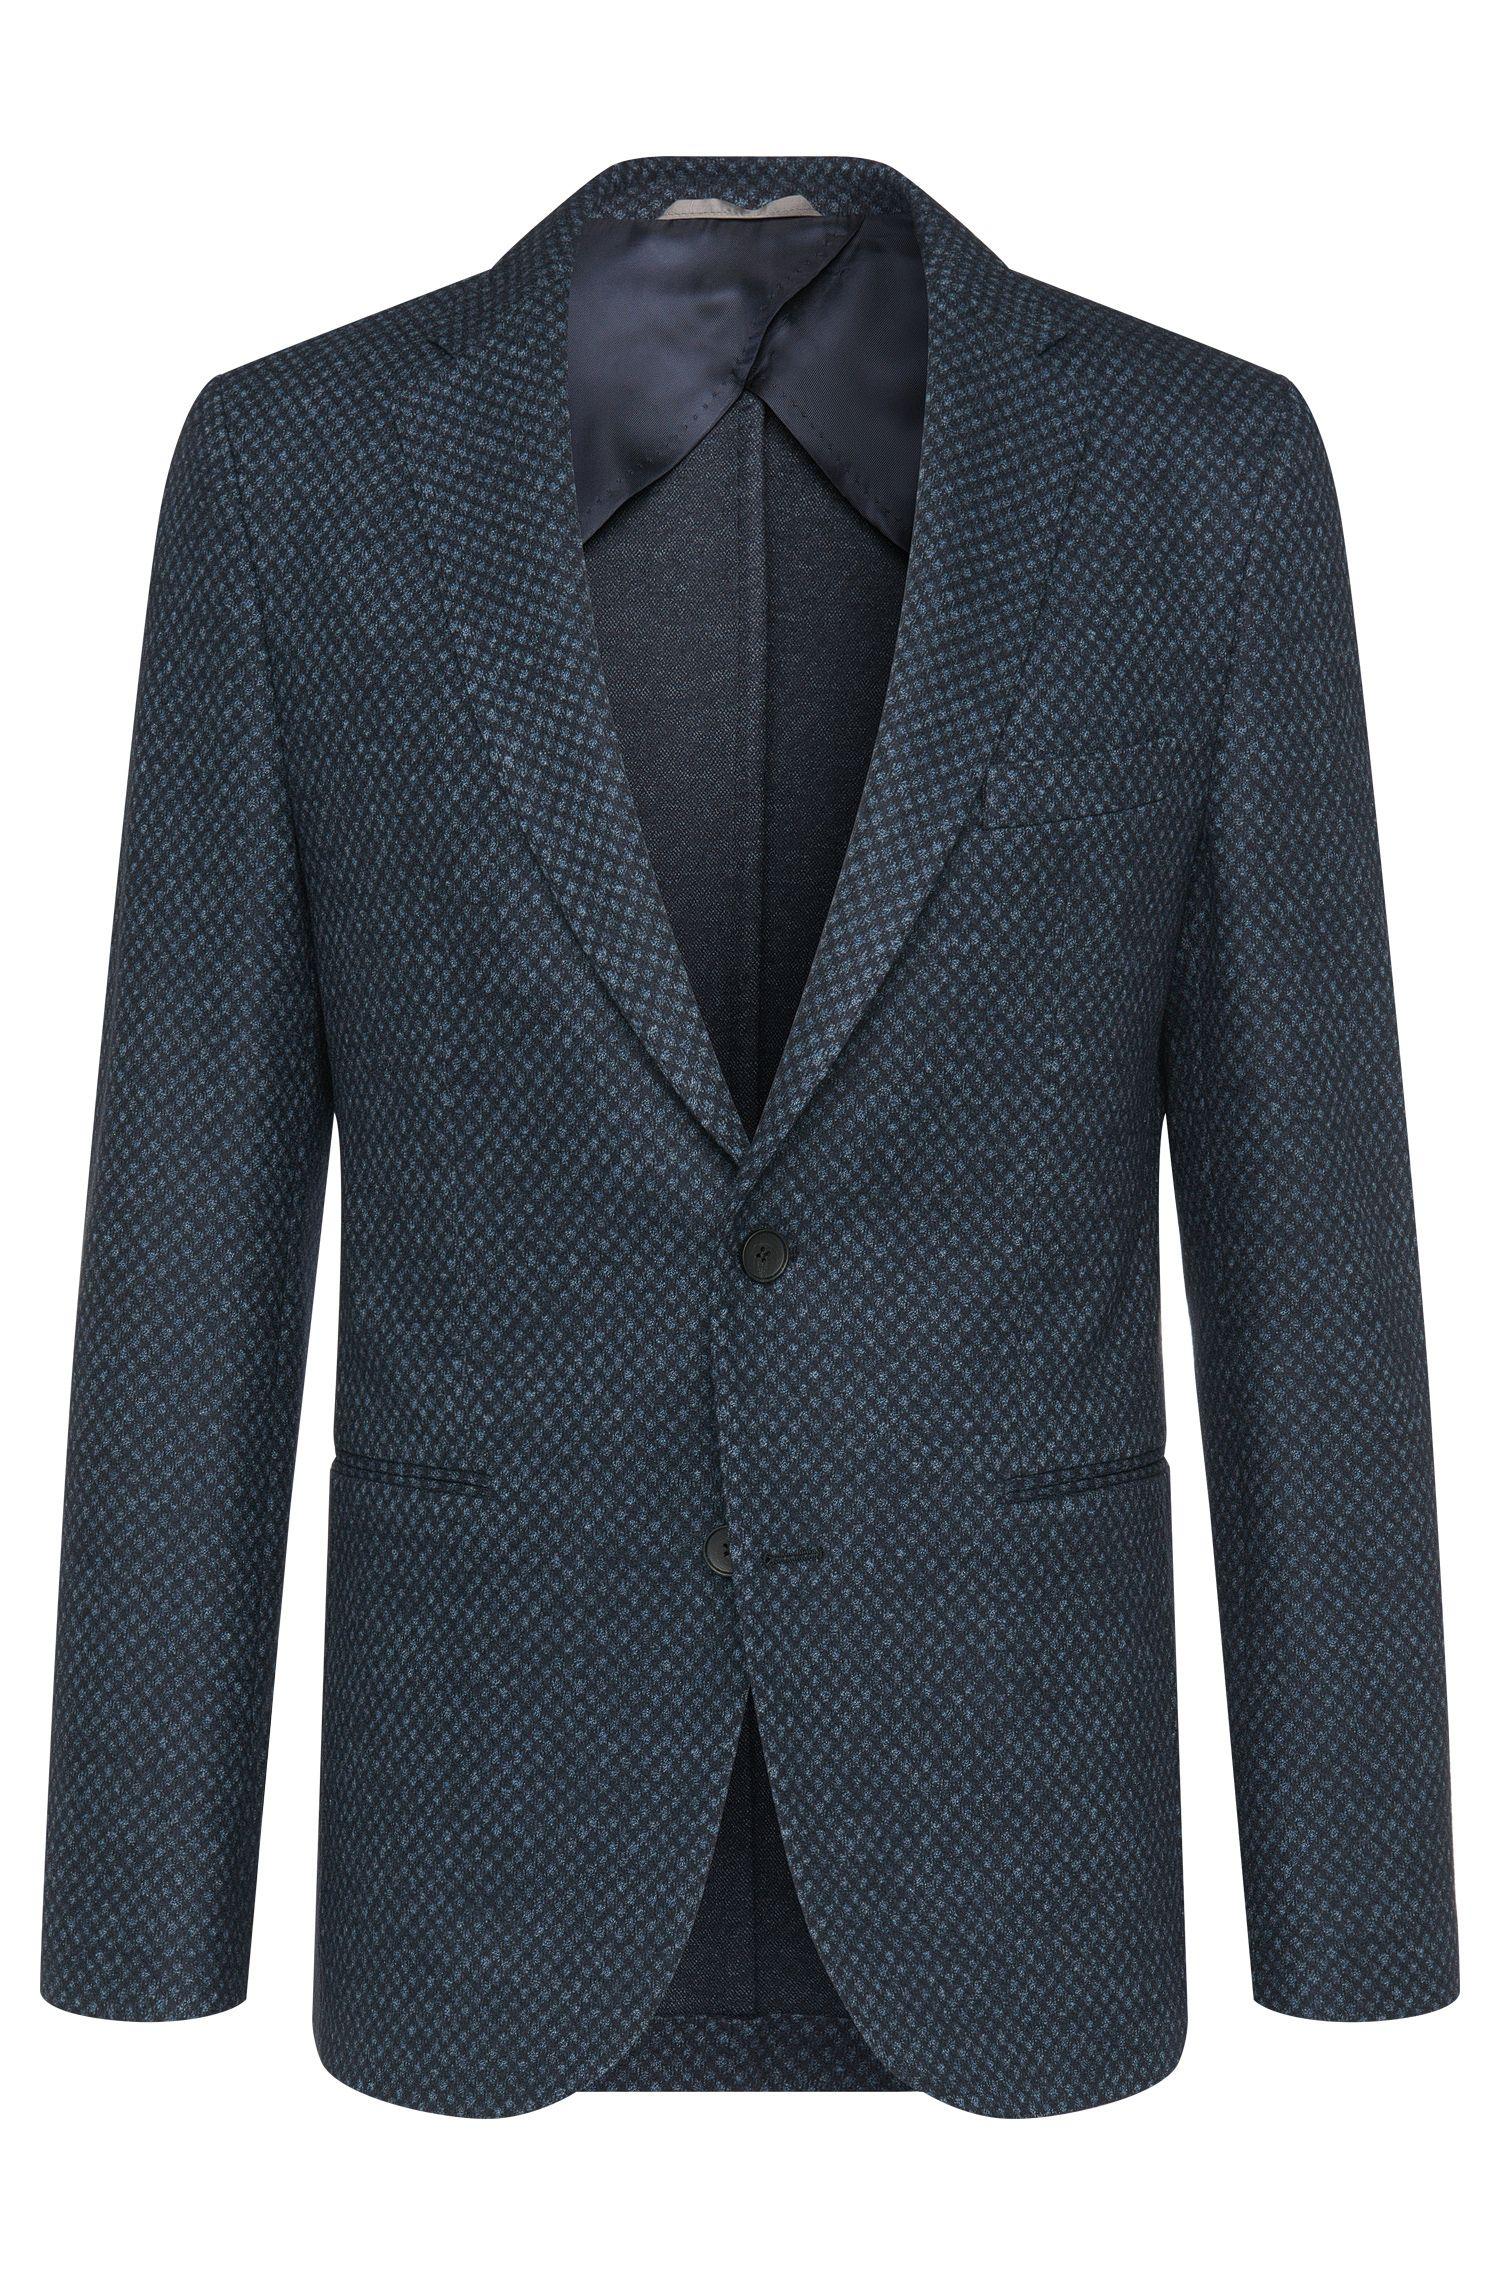 'Norwin'   Slim Fit, Virgin Wool Cotton Sport Coat